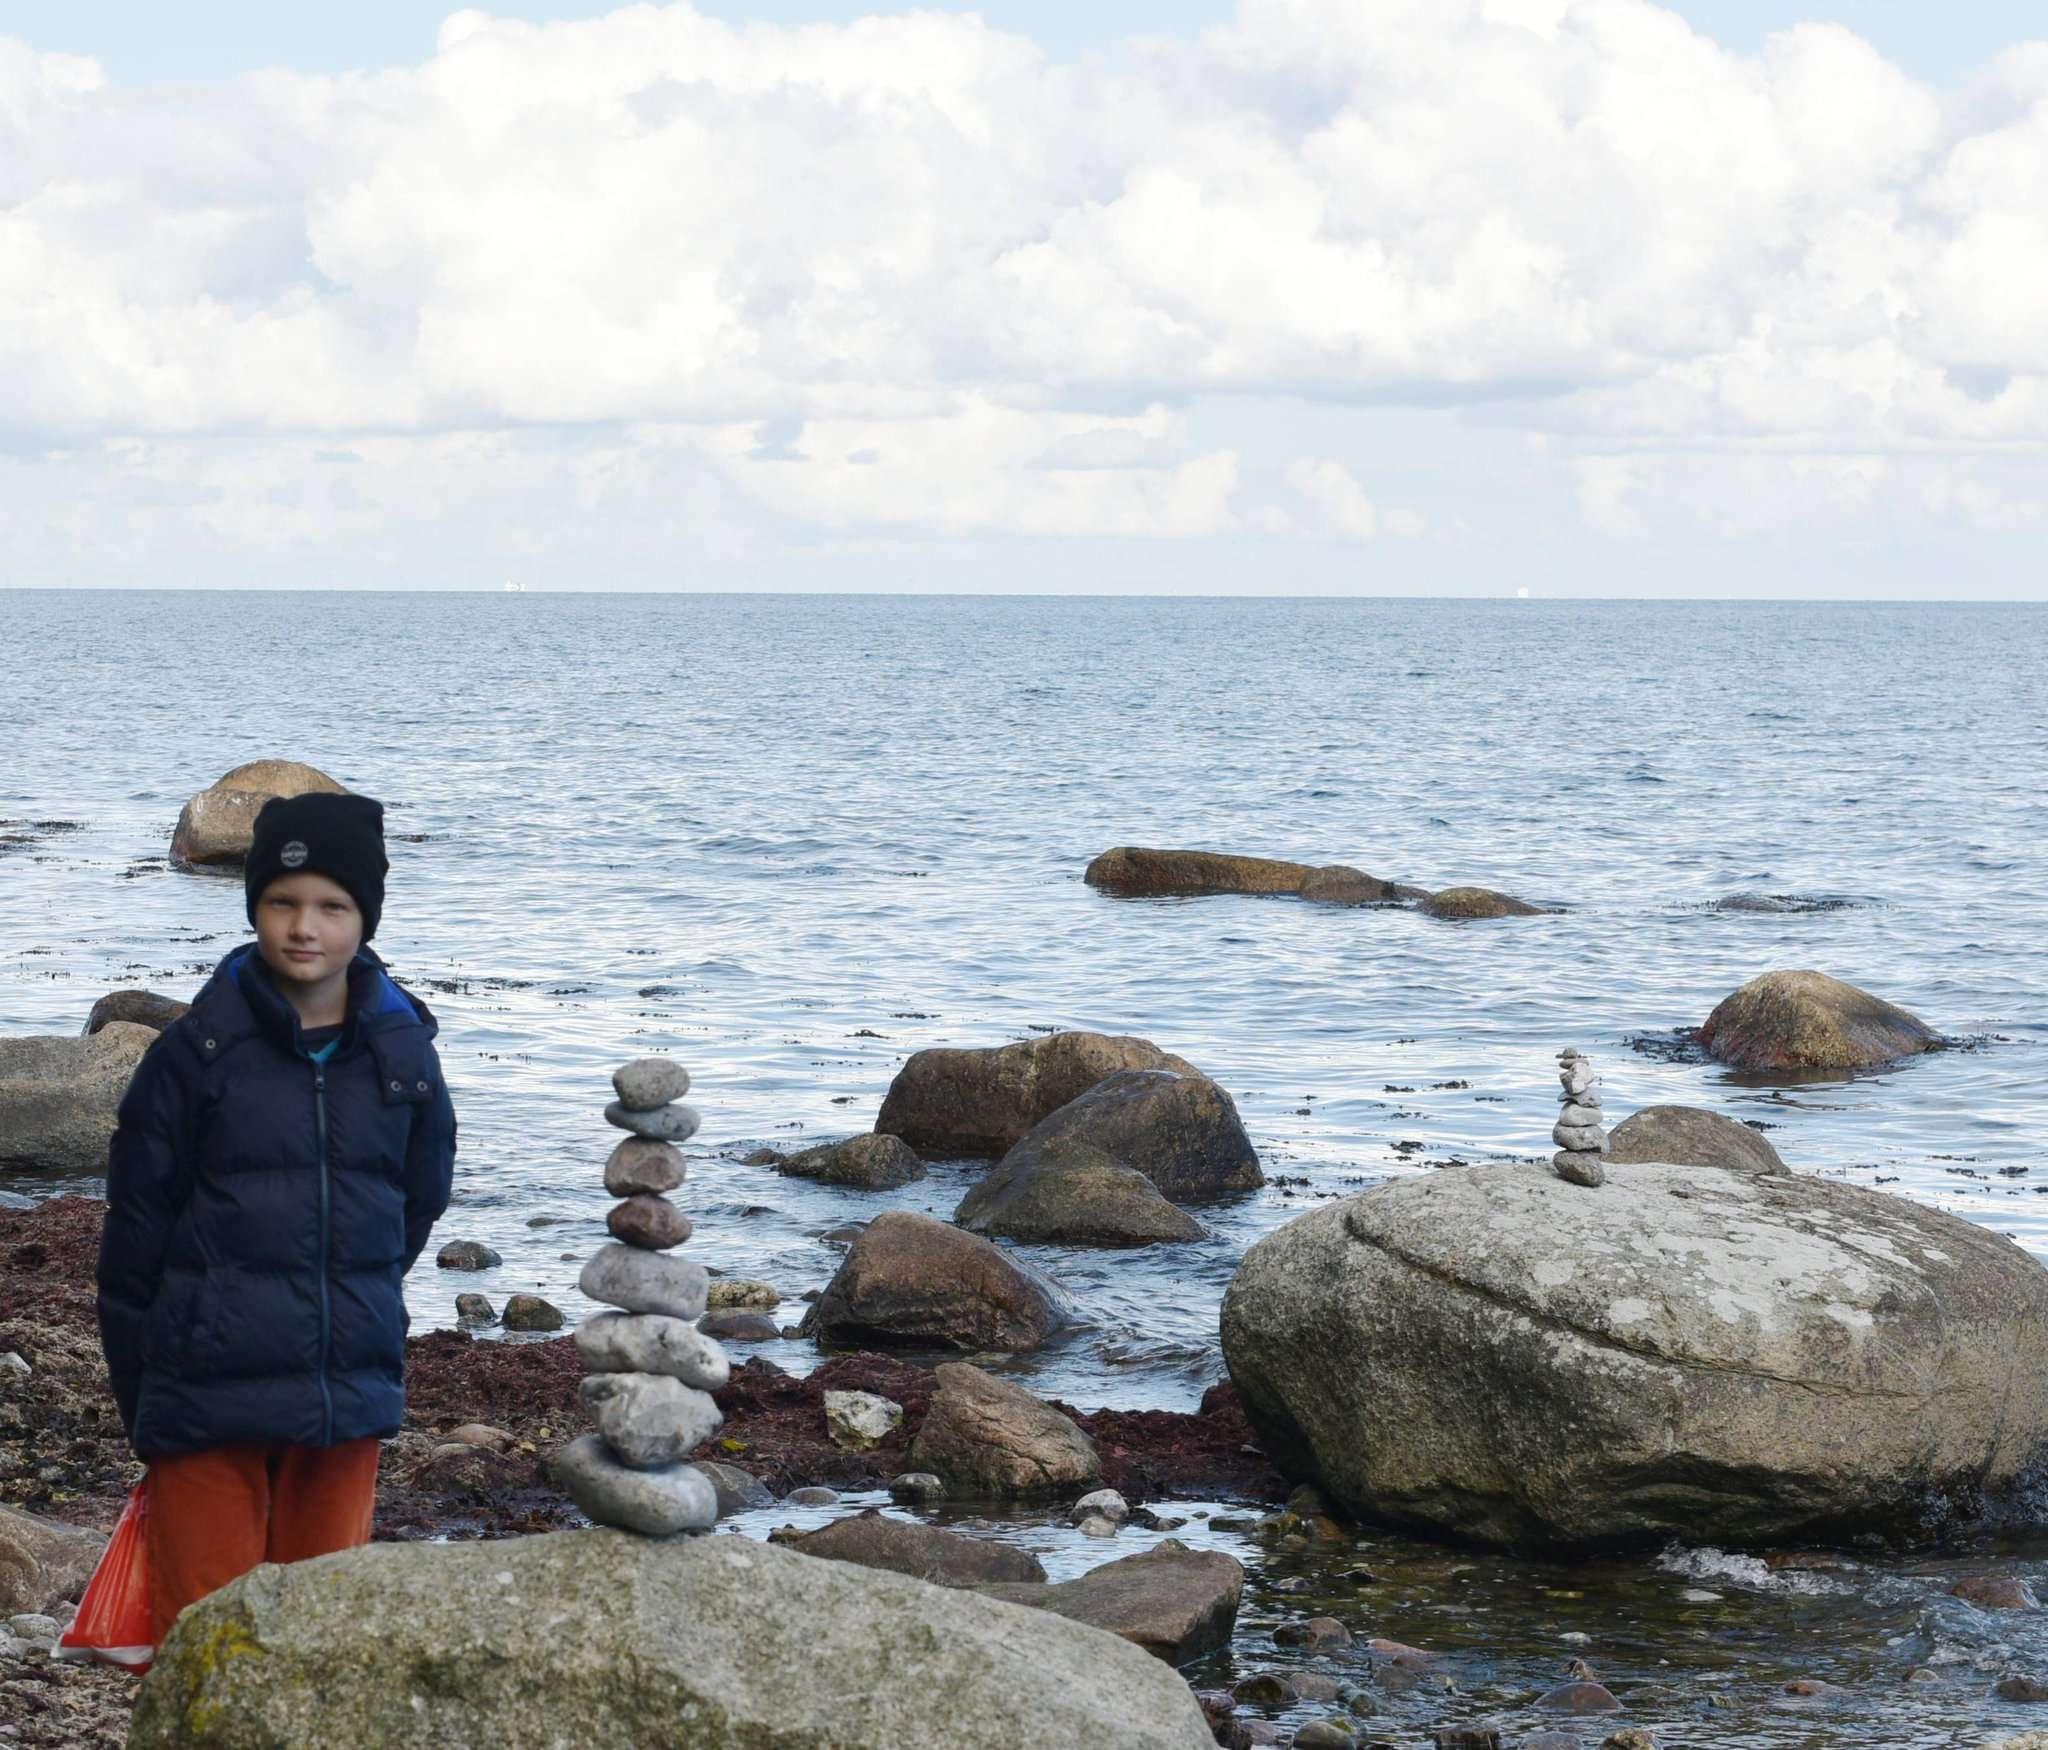 Der zwölfjährige Moritz ist gerne am Meer. Er war zuvor bereits einige Mal mit seiner Mutter Marina Rochel dort.